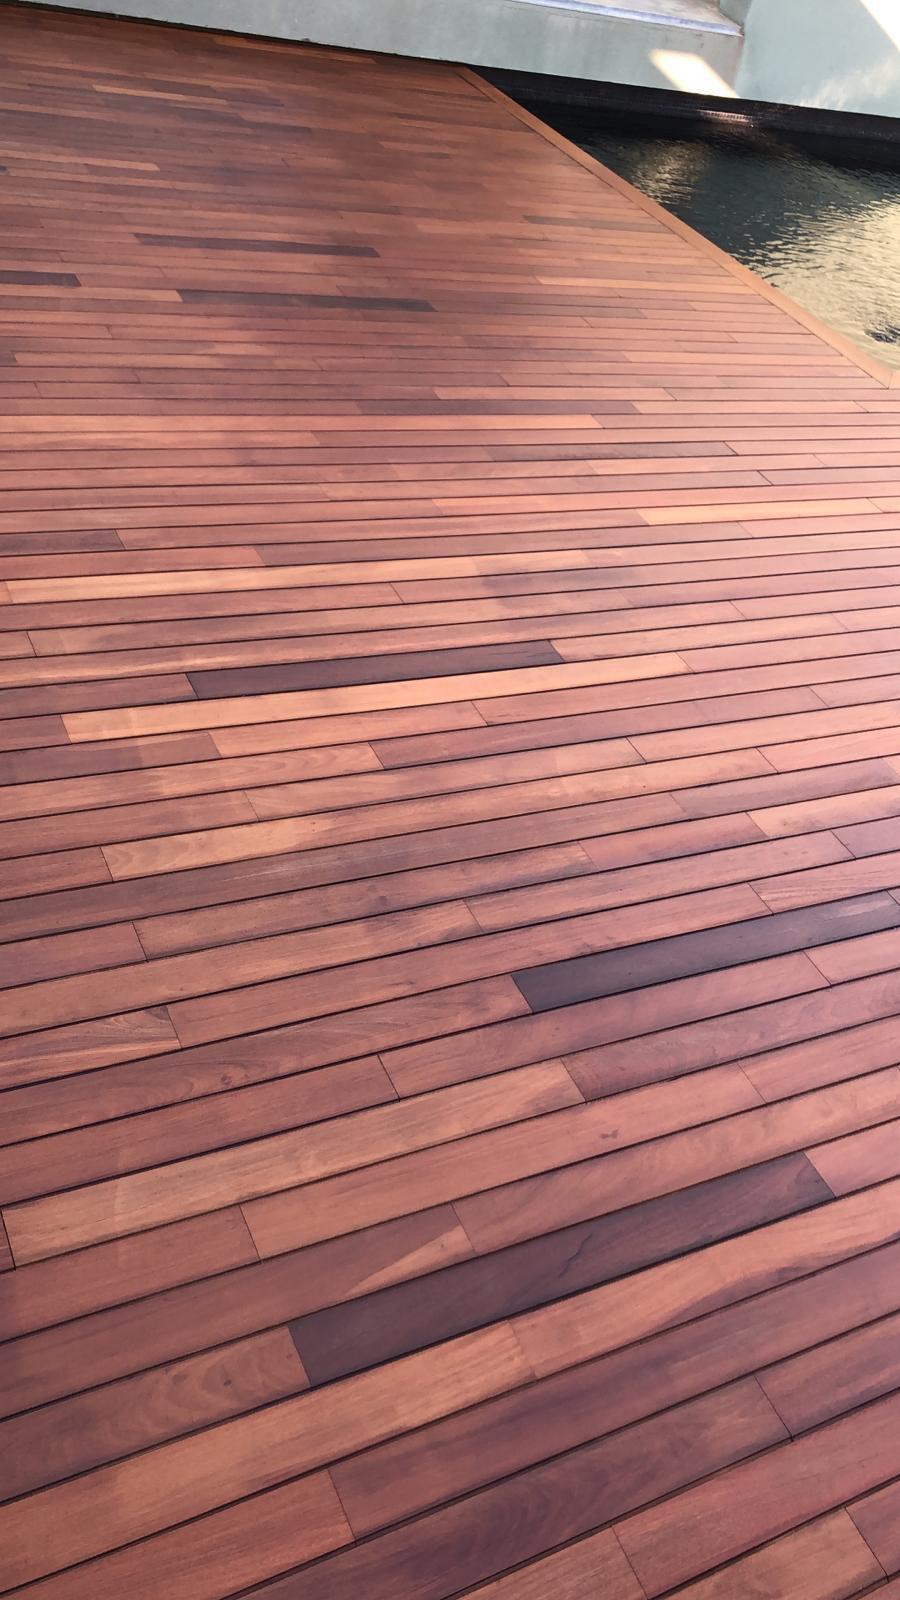 tarima_madera_exterior_terraza6